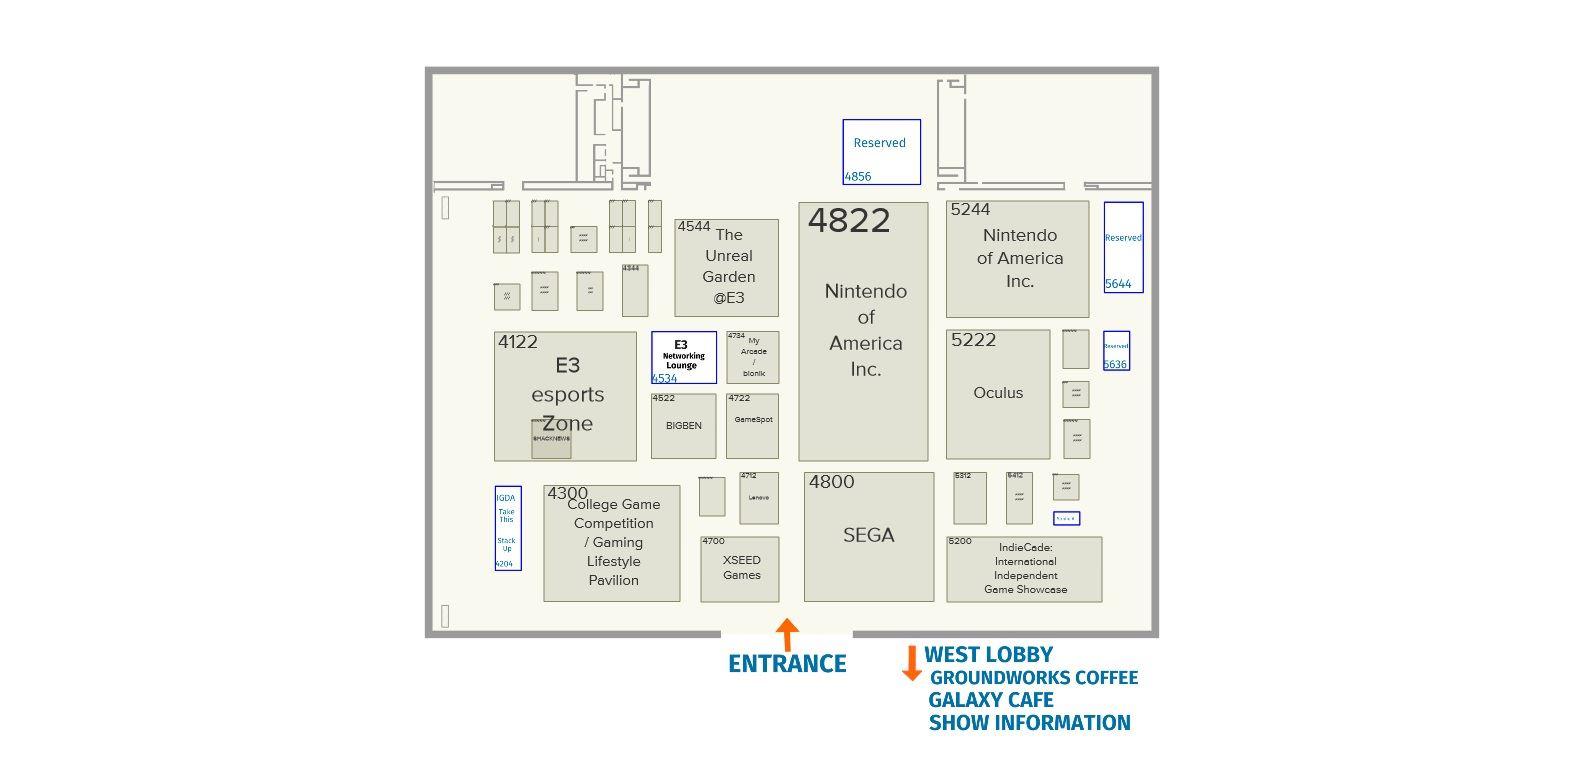 نقشه غرفههای نمایشگاه E3 2019 در یک نگاه